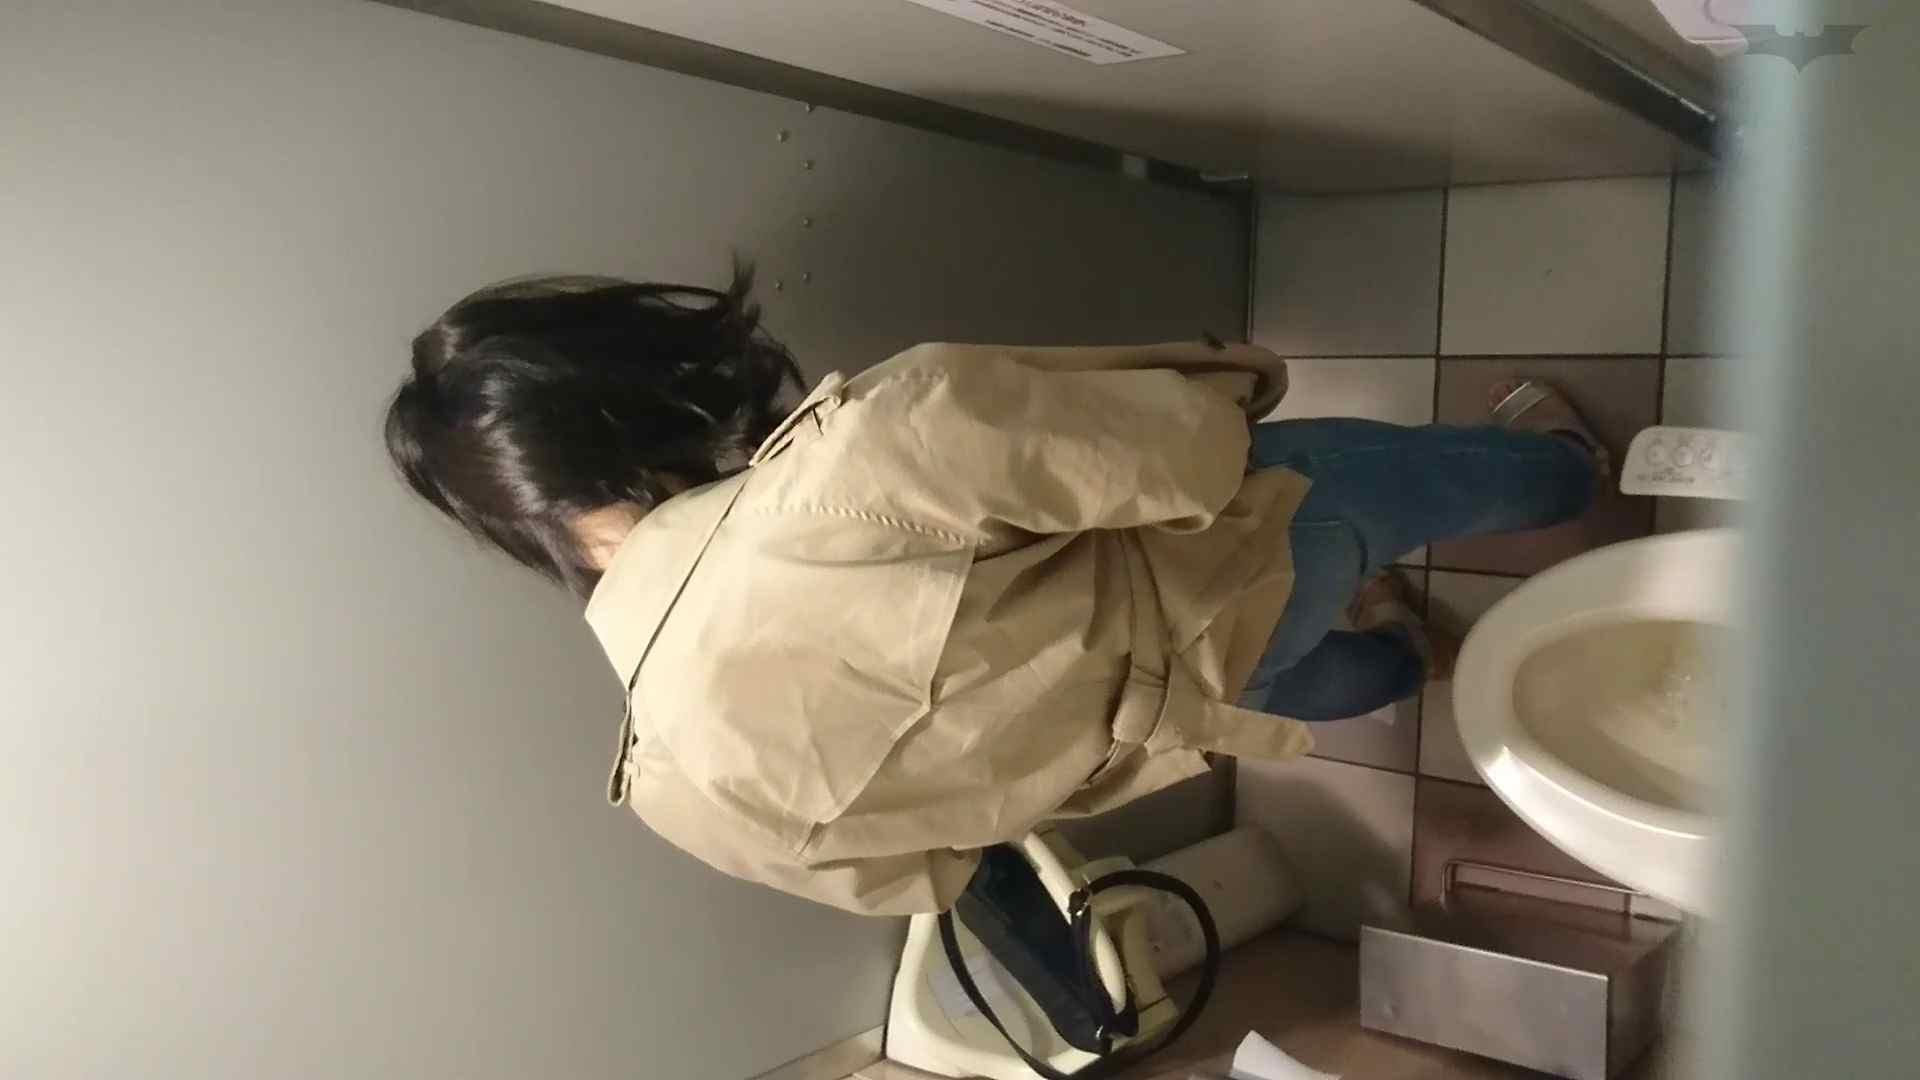 化粧室絵巻 ショッピングモール編 VOL.22 高画質 ヌード画像 111枚 22